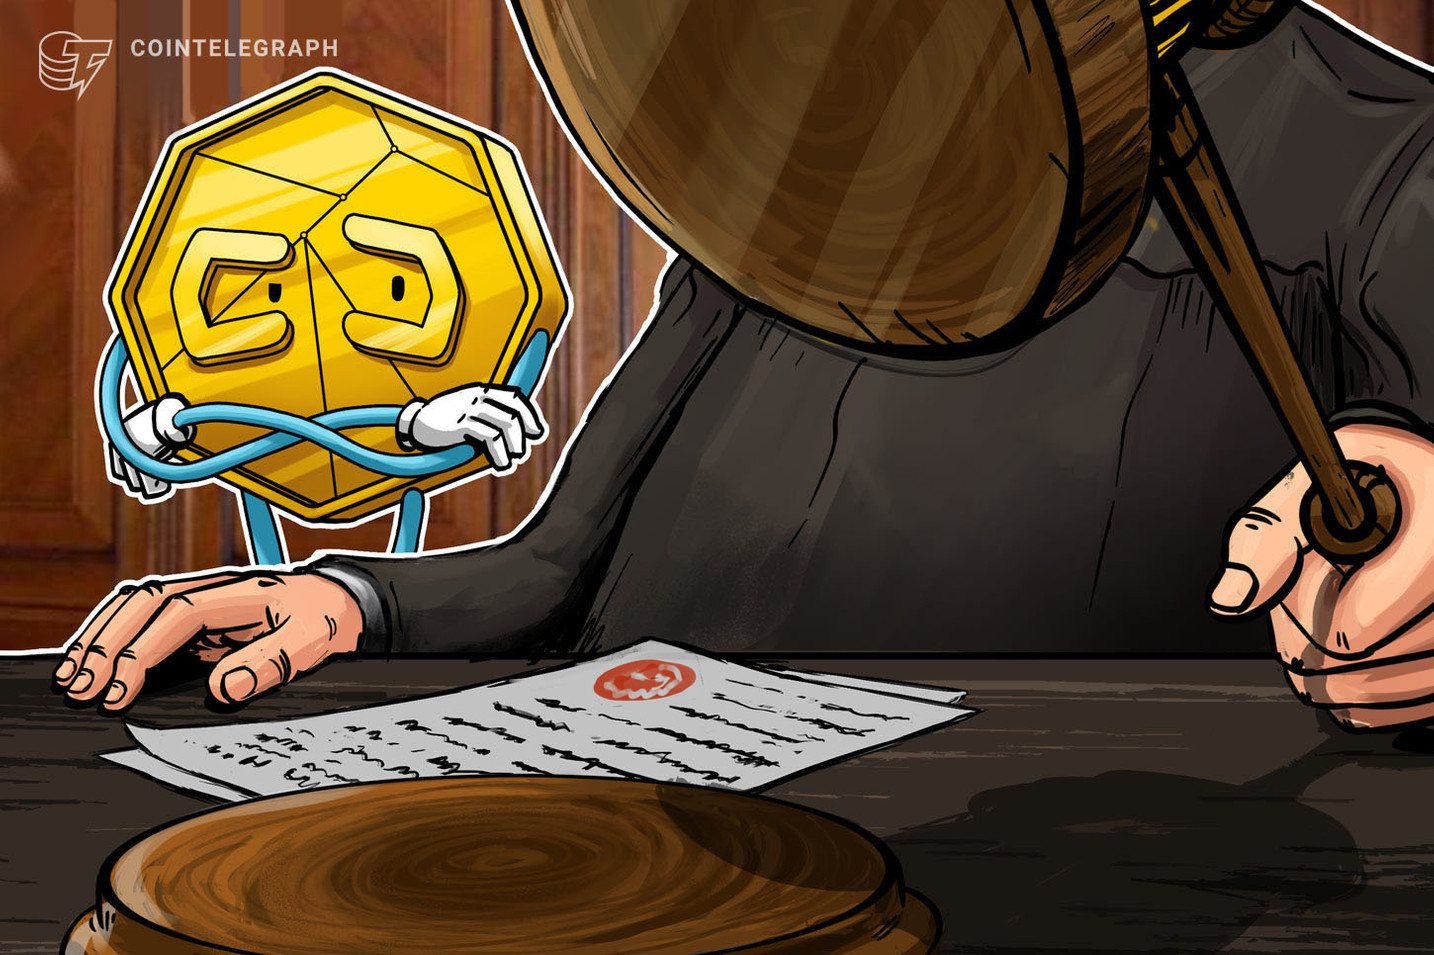 ビットコインの窃盗は犯罪ではない?ロシア裁判所、100BTCの被害補償を訴えを退ける